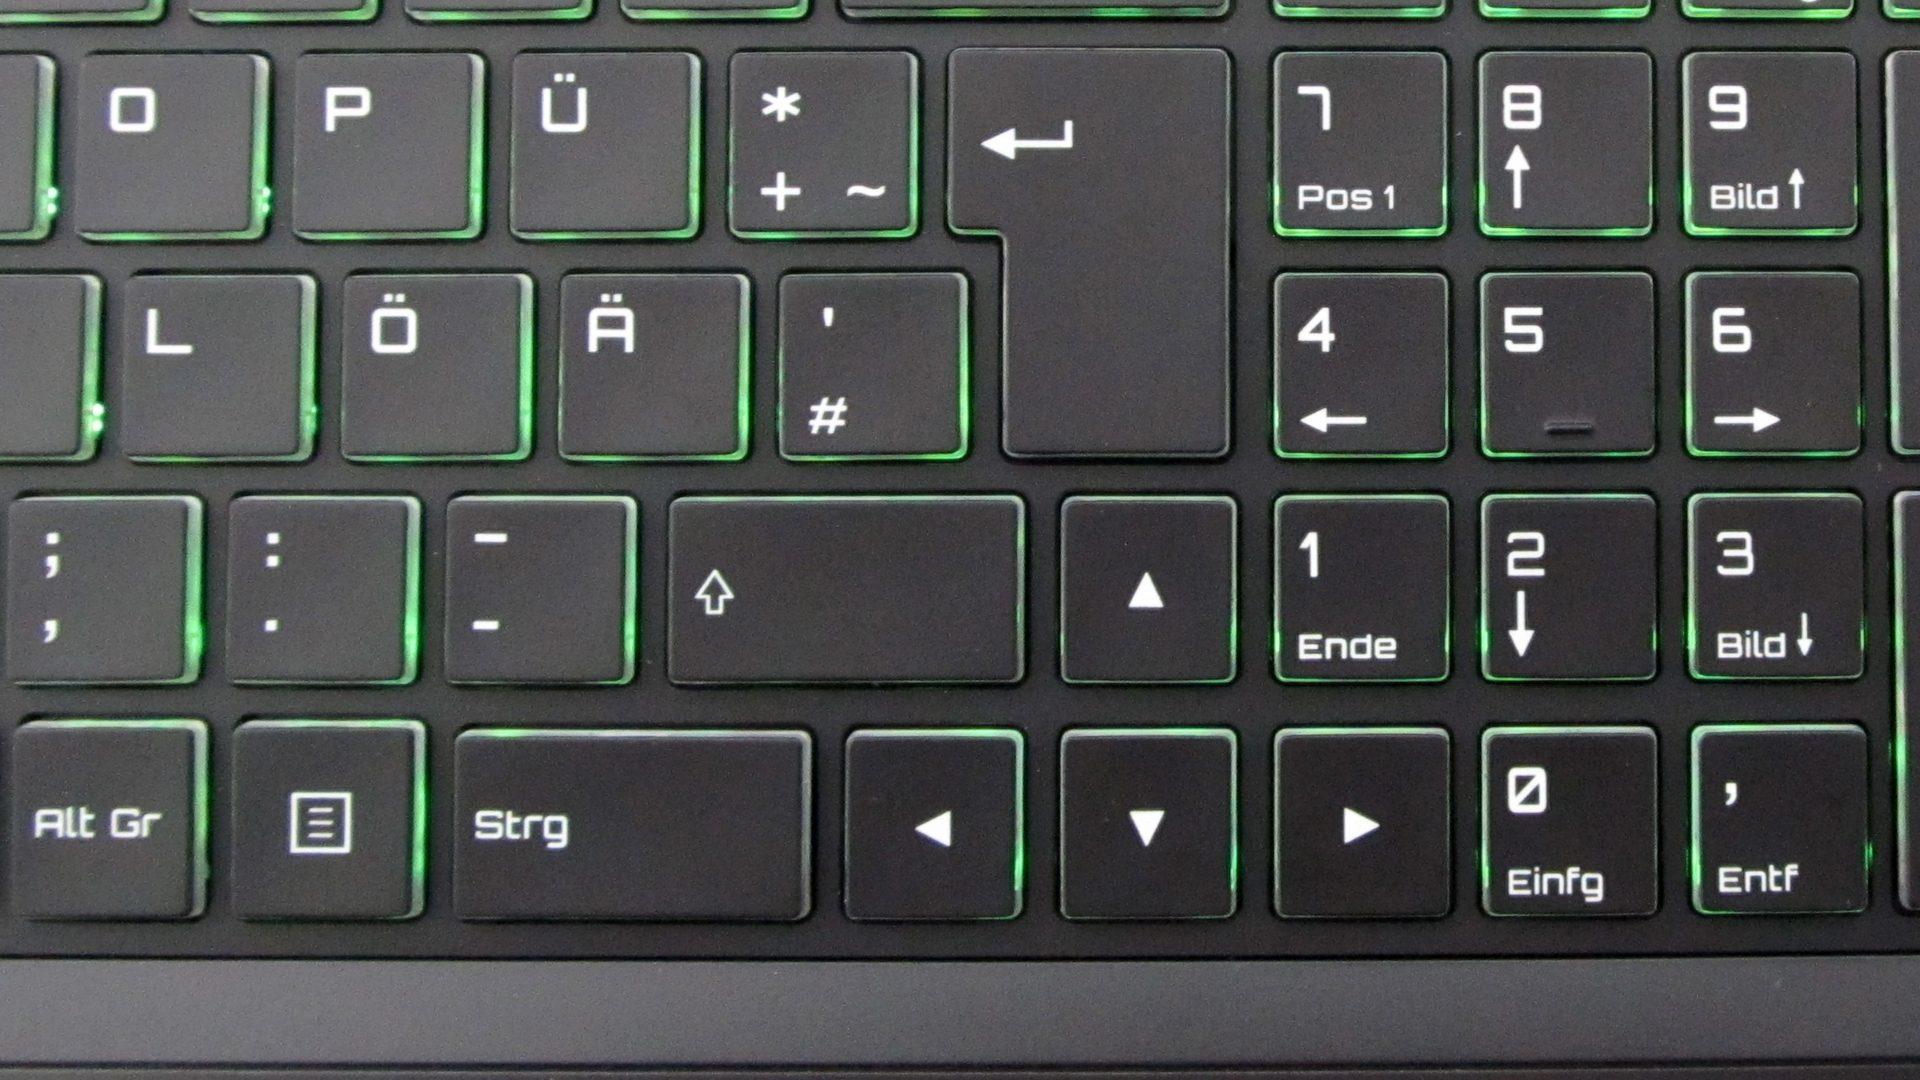 SCHENKER-XMG-P507-VE-gsh-tastatur_4